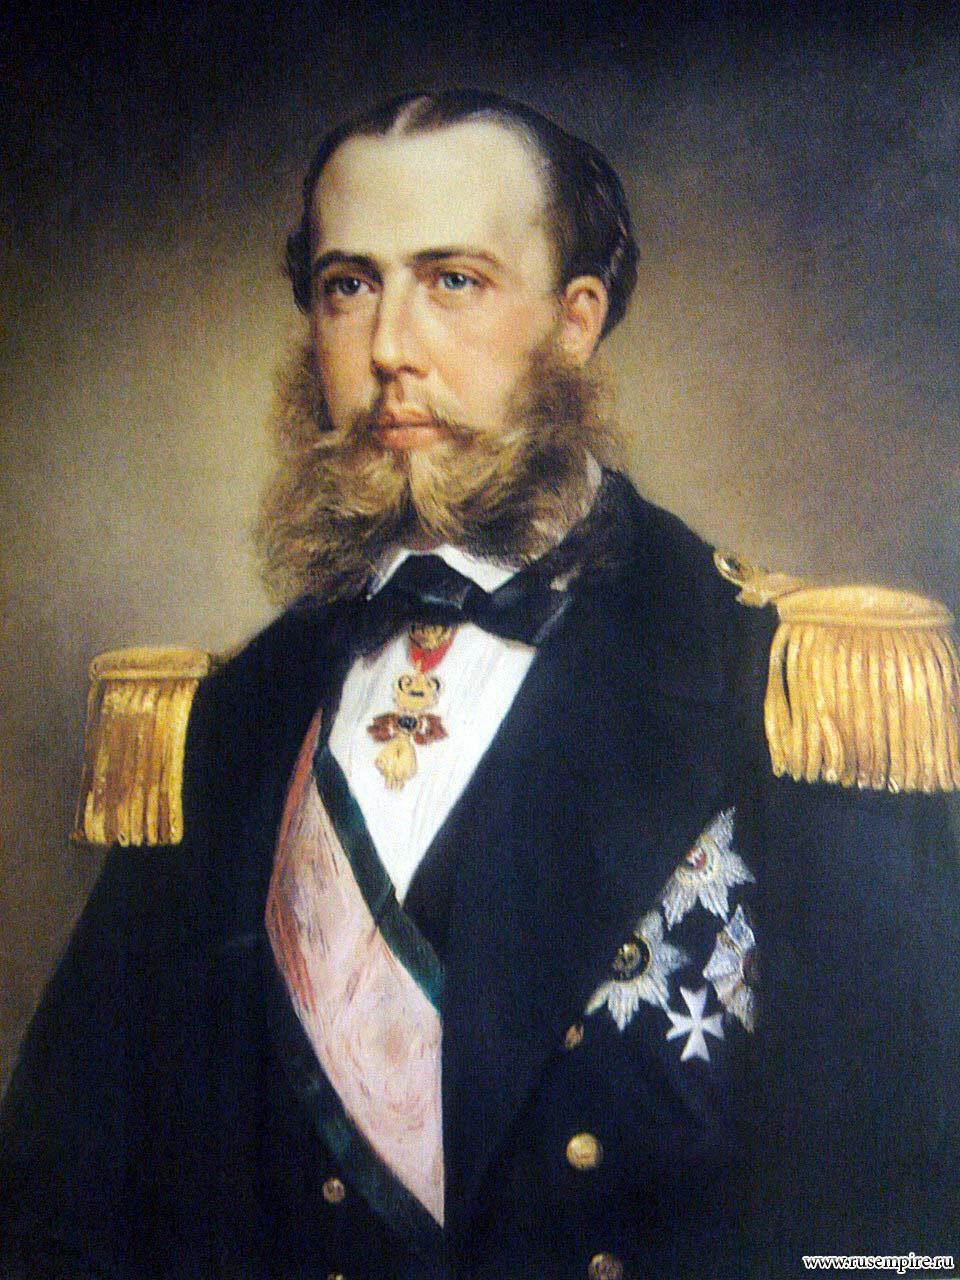 Адмирал тегетхоф на фрегате навара, так любимом максимилианом, вывозит тело императора в вену